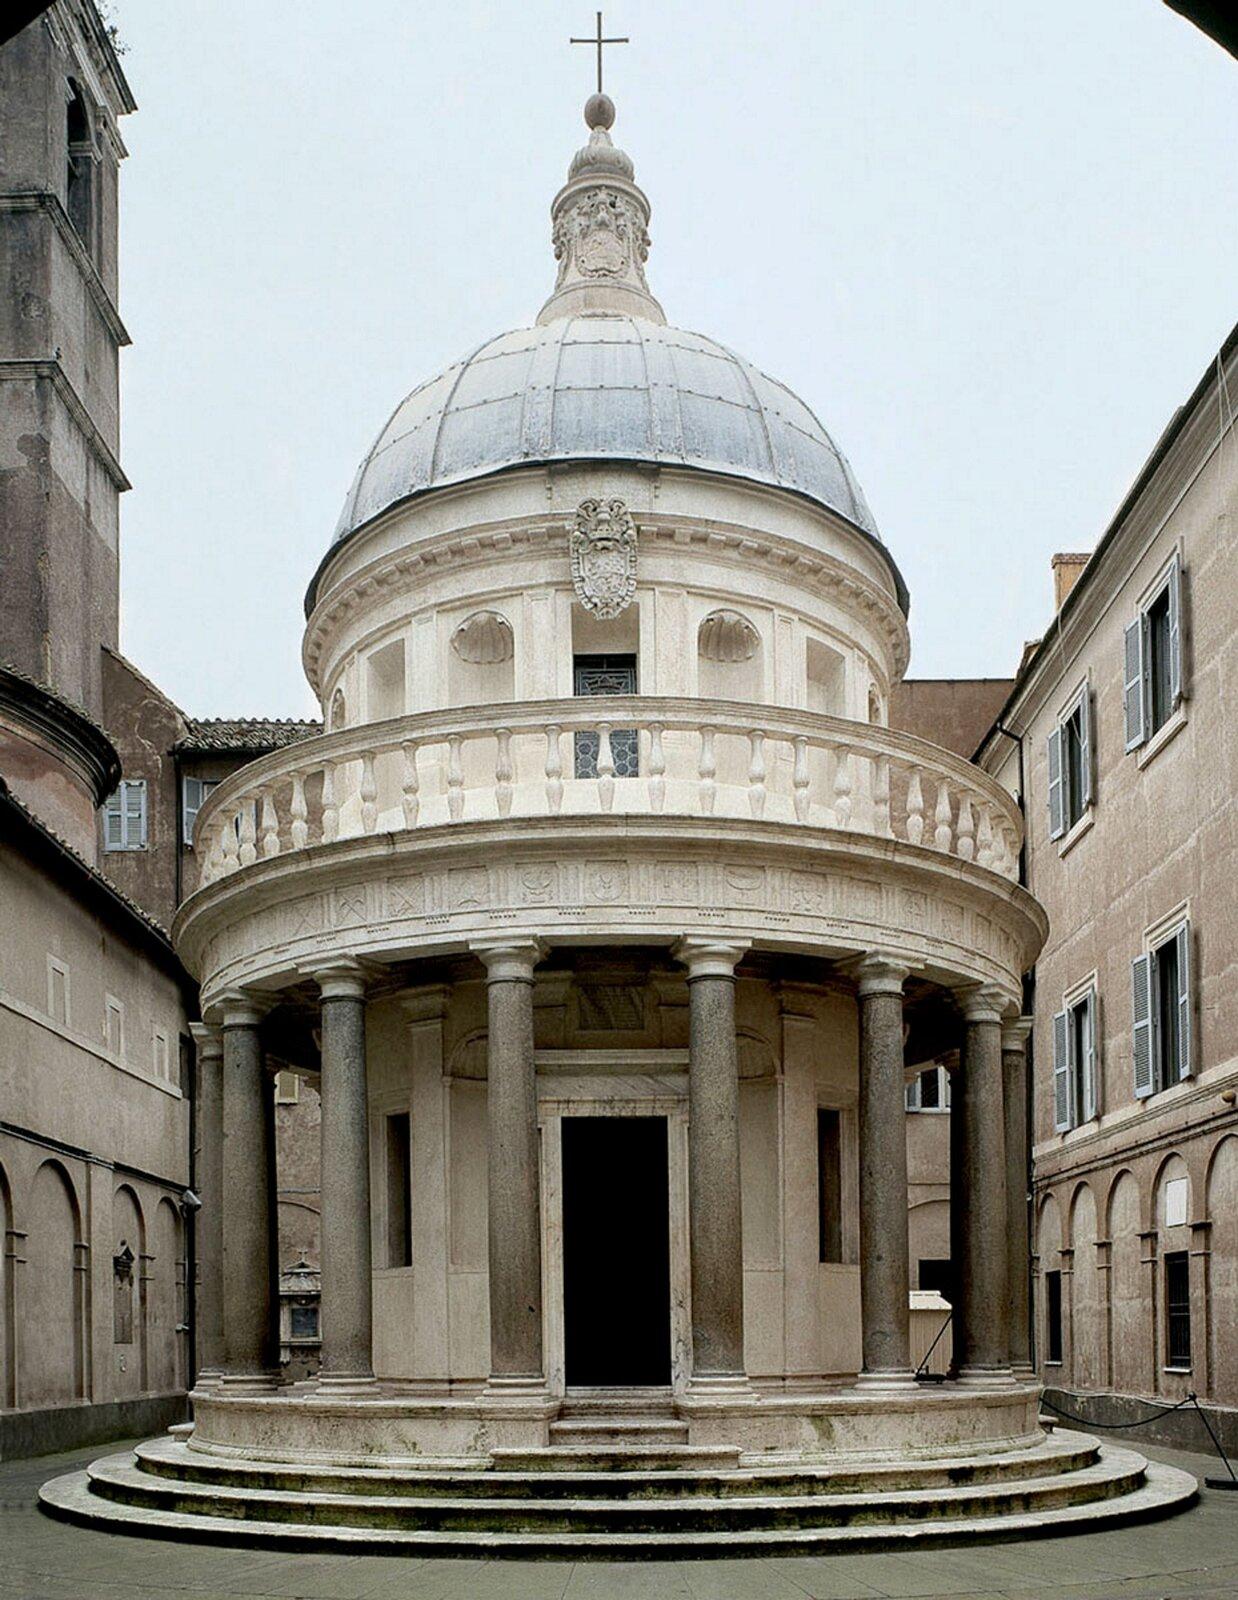 Ilustracja przedstawia kaplicę Donate Bramante, Tempietto. Kaplica jest okrągła, aupodstaw znajduje się kilka małych schodów. Centralny korpus, celle zawierającą relikwiarz, wieńczy kopuła iotacza pierścień kolumn. Korpus otacza 8 toskańskich kolumn widocznych na zdjęciu. Nad nimi balustrada.